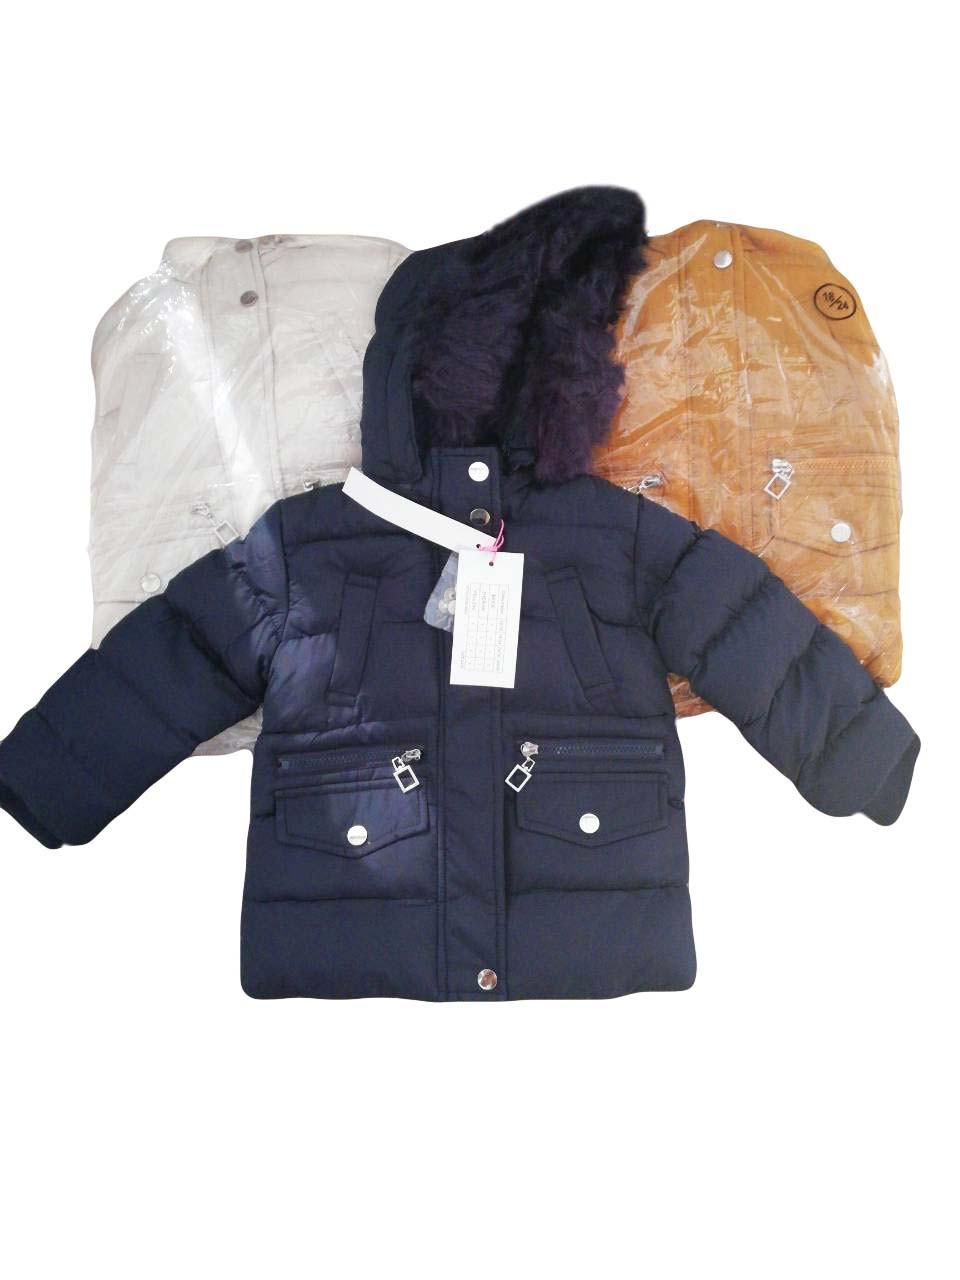 Куртки для девочек утеплённые оптом , размеры 12-36 мес, Nature, арт. RSG-4854